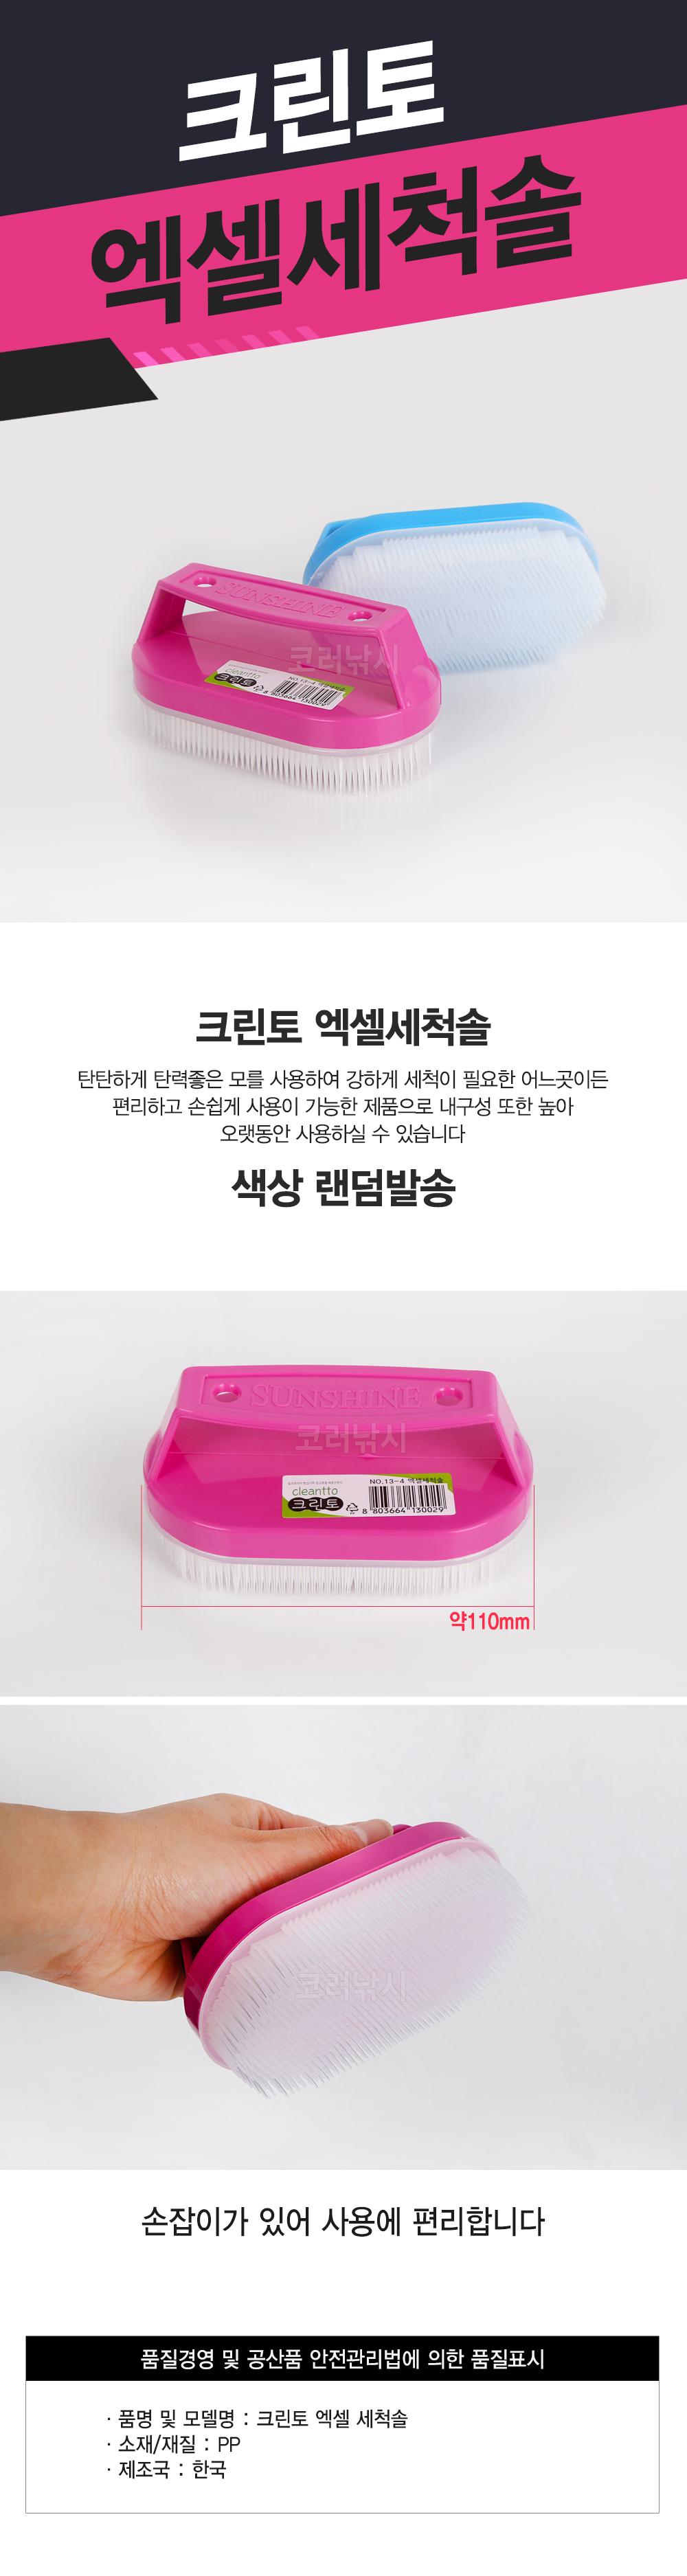 크린토 엑셀세척솔 청소 청소솔 솔 세척 청소용품